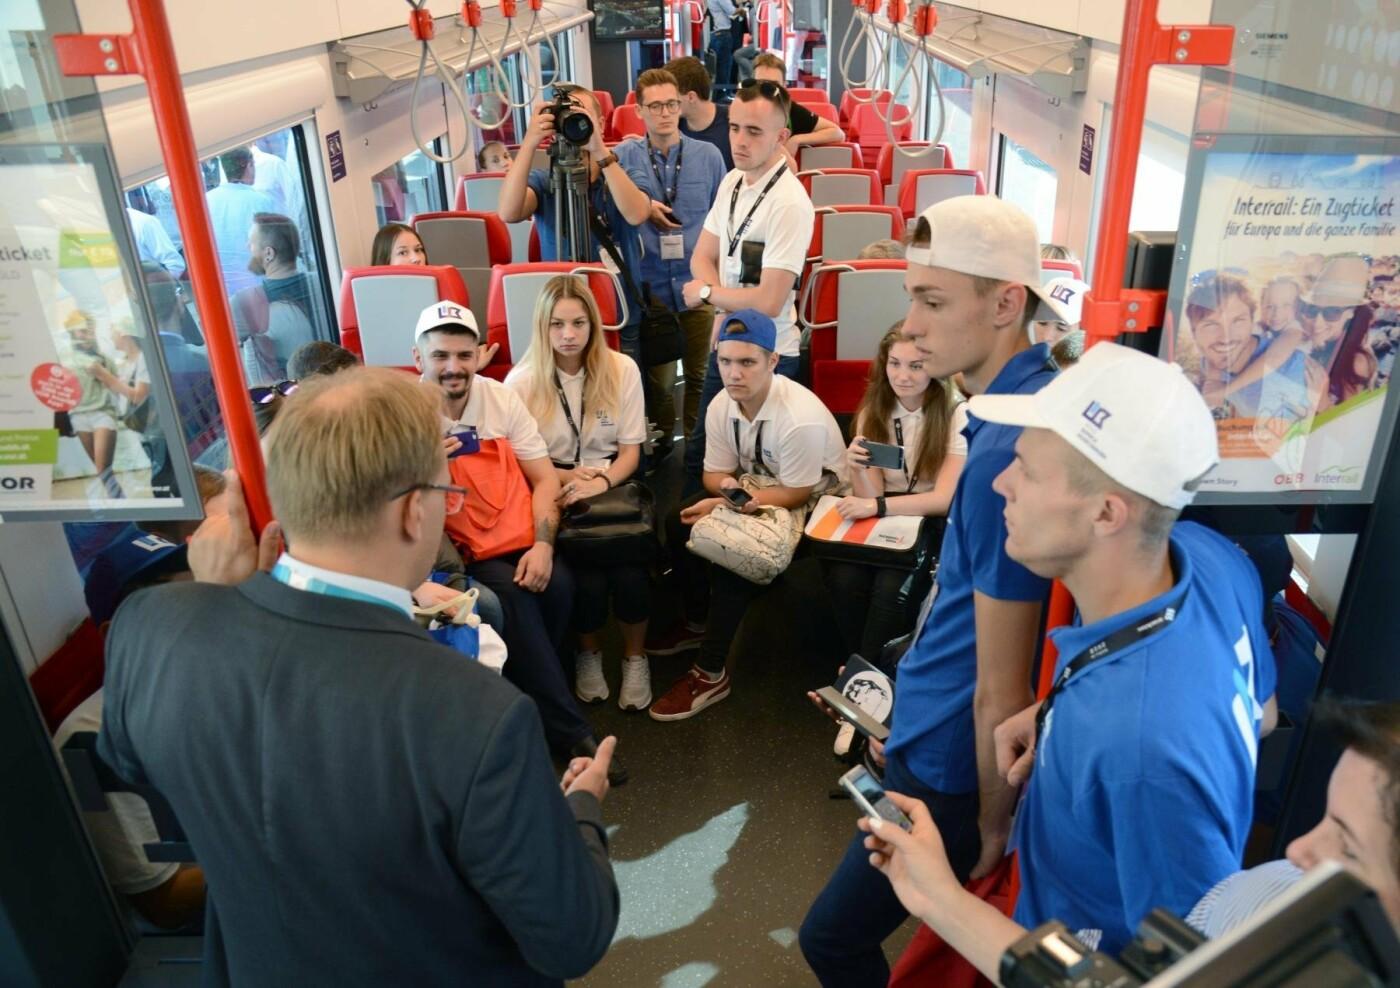 Студенты-железнодорожники из Кривого Рога побывали на выставке в Берлине , фото-5